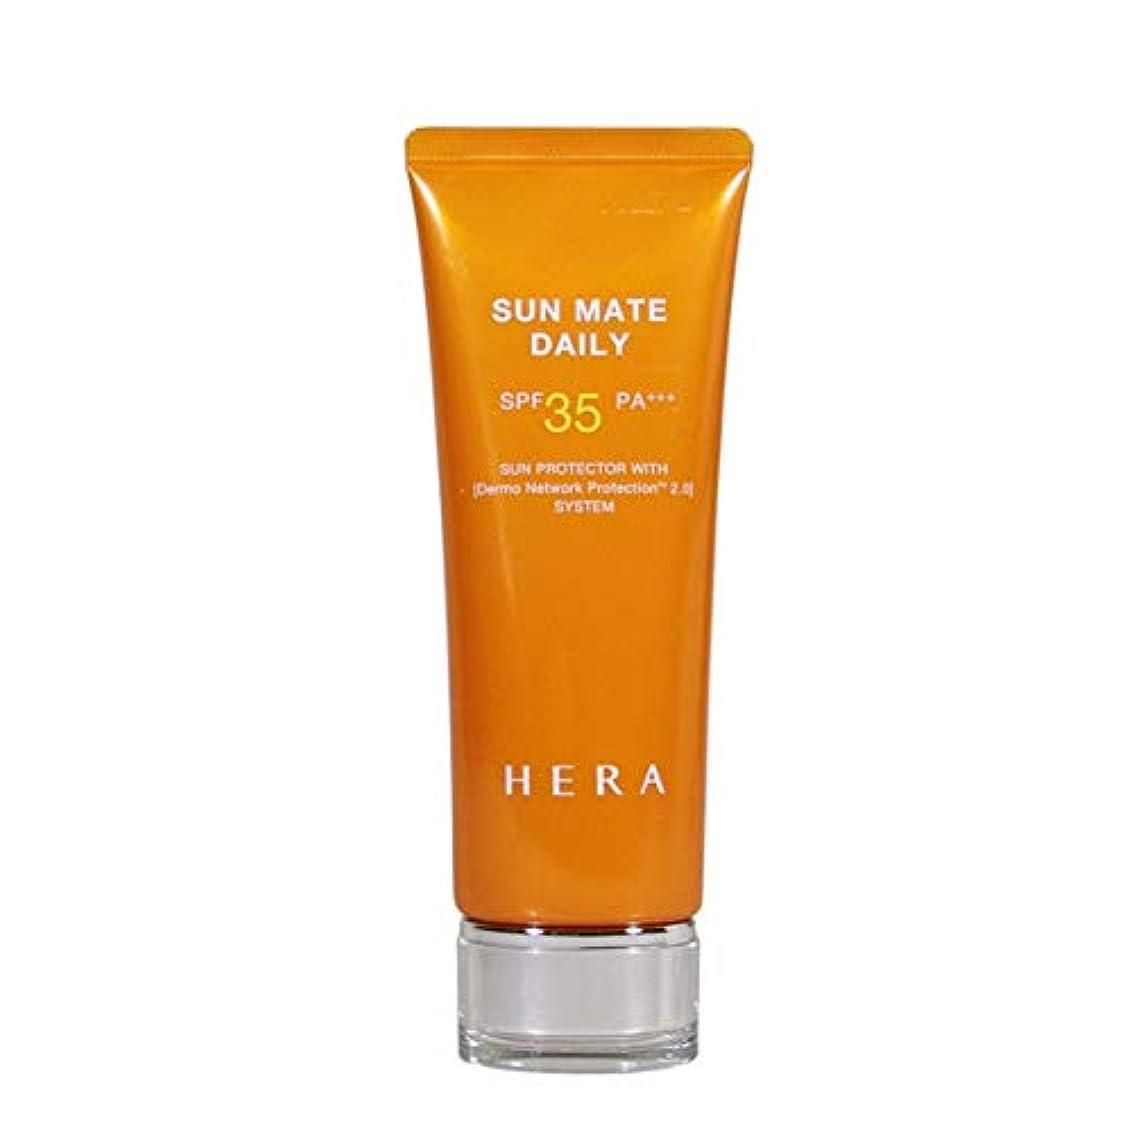 床封建エンジニアリングヘラサンメイトデイリー70mlサンクリーム韓国コスメ、Hera Sun Mate Daily 70ml Sun Cream Korean Cosmetics [並行輸入品]